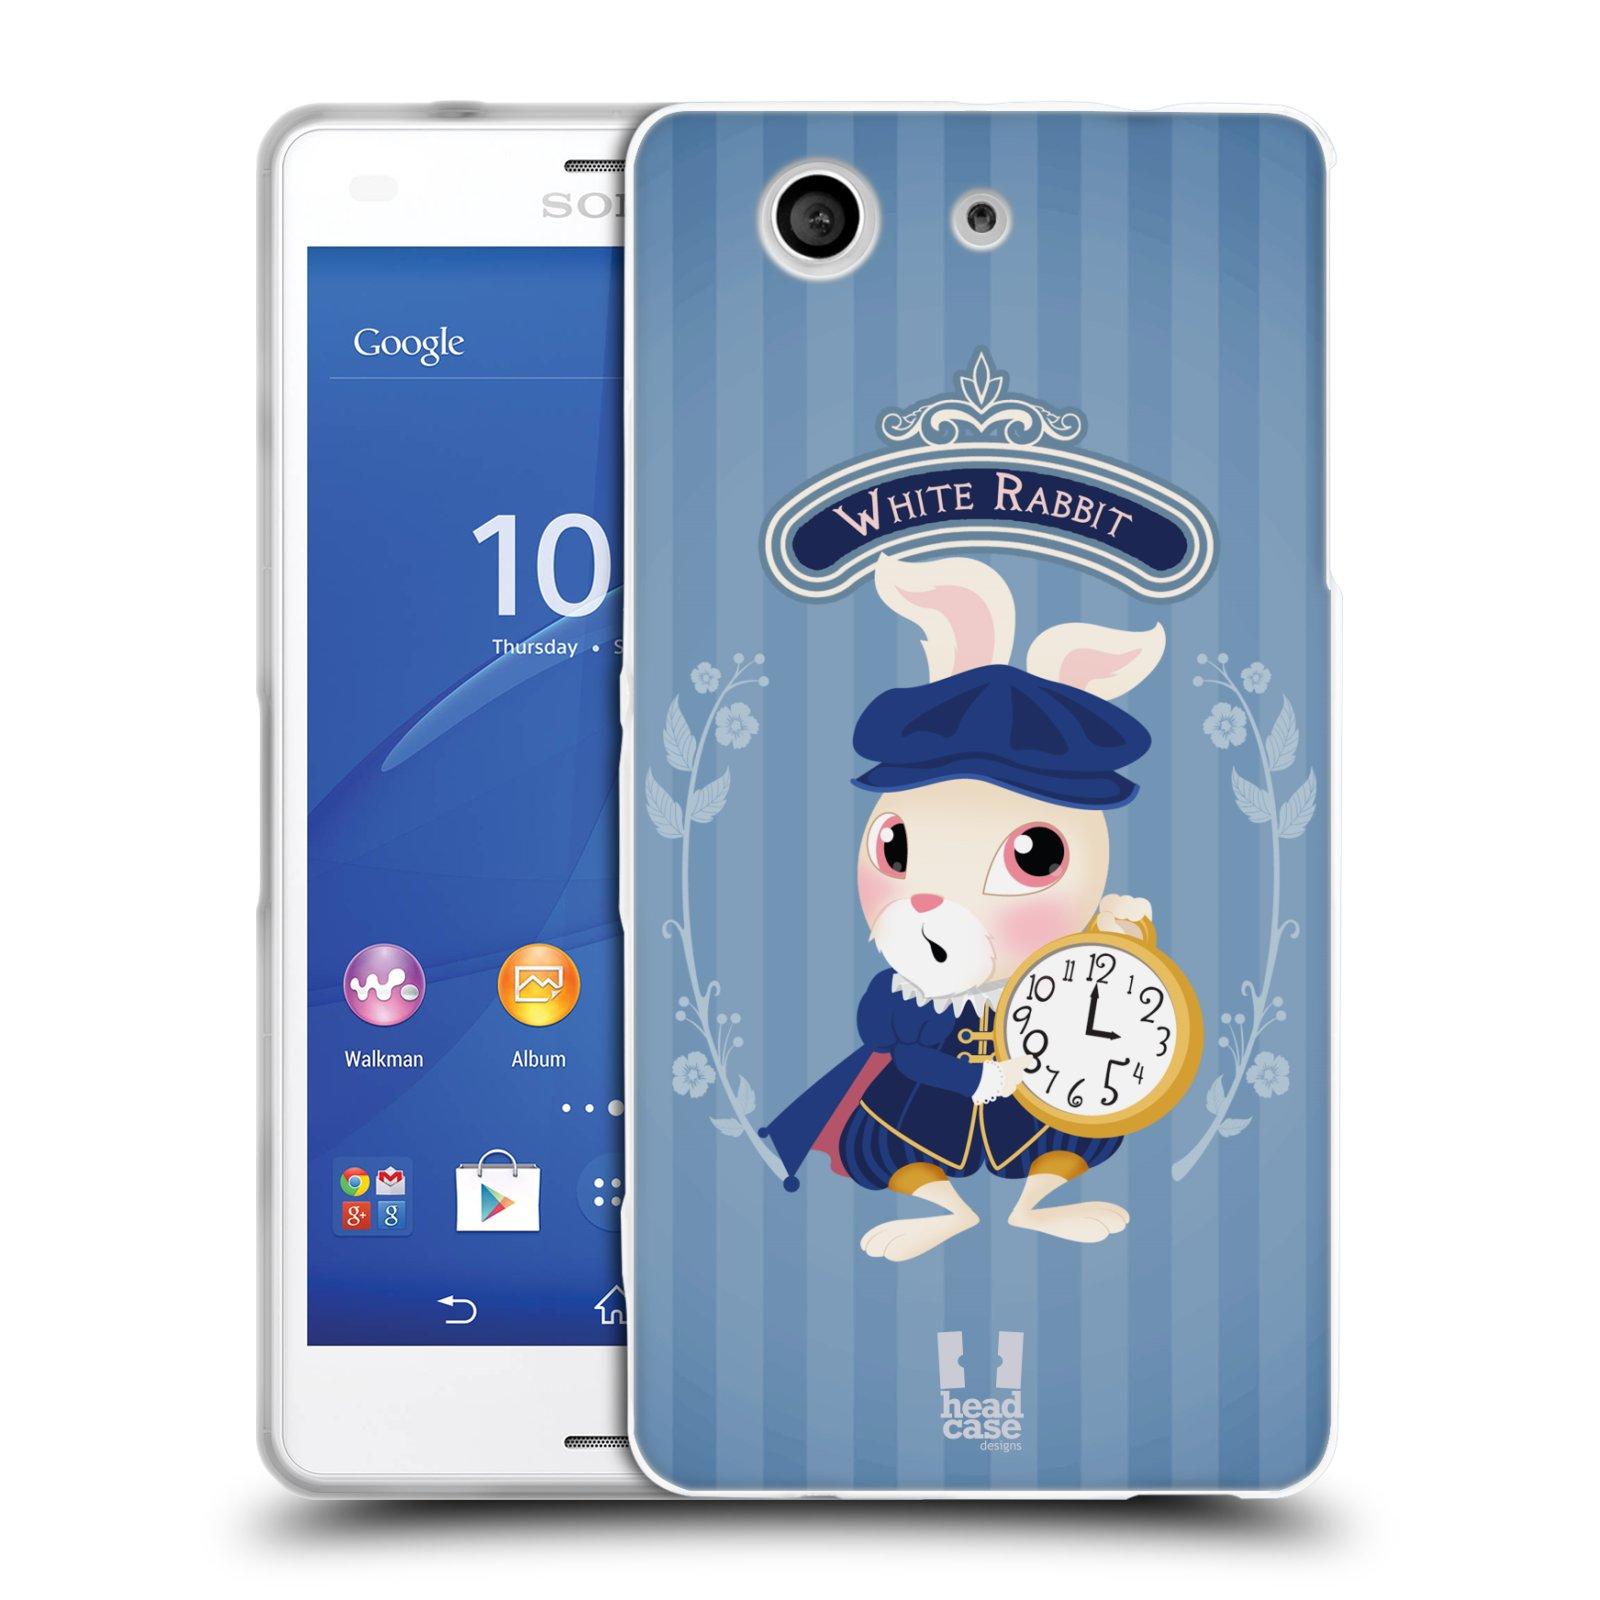 HEAD CASE silikonový obal na mobil Sony Xperia Z3 COMPACT (D5803) vzor Alenka v říši divů králíček